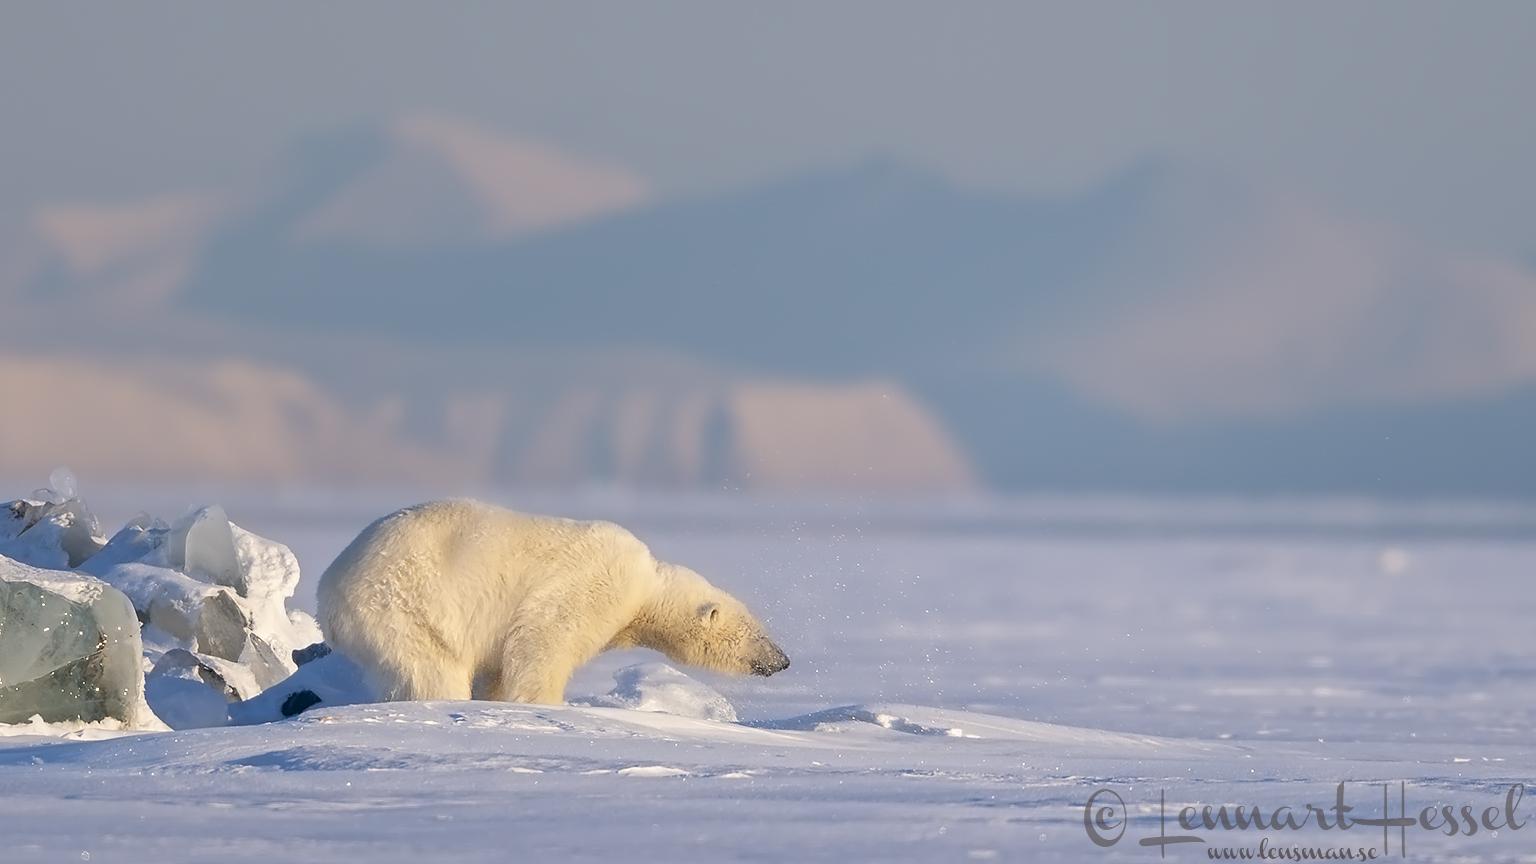 Polar bear shaking water hunting Ringed seal